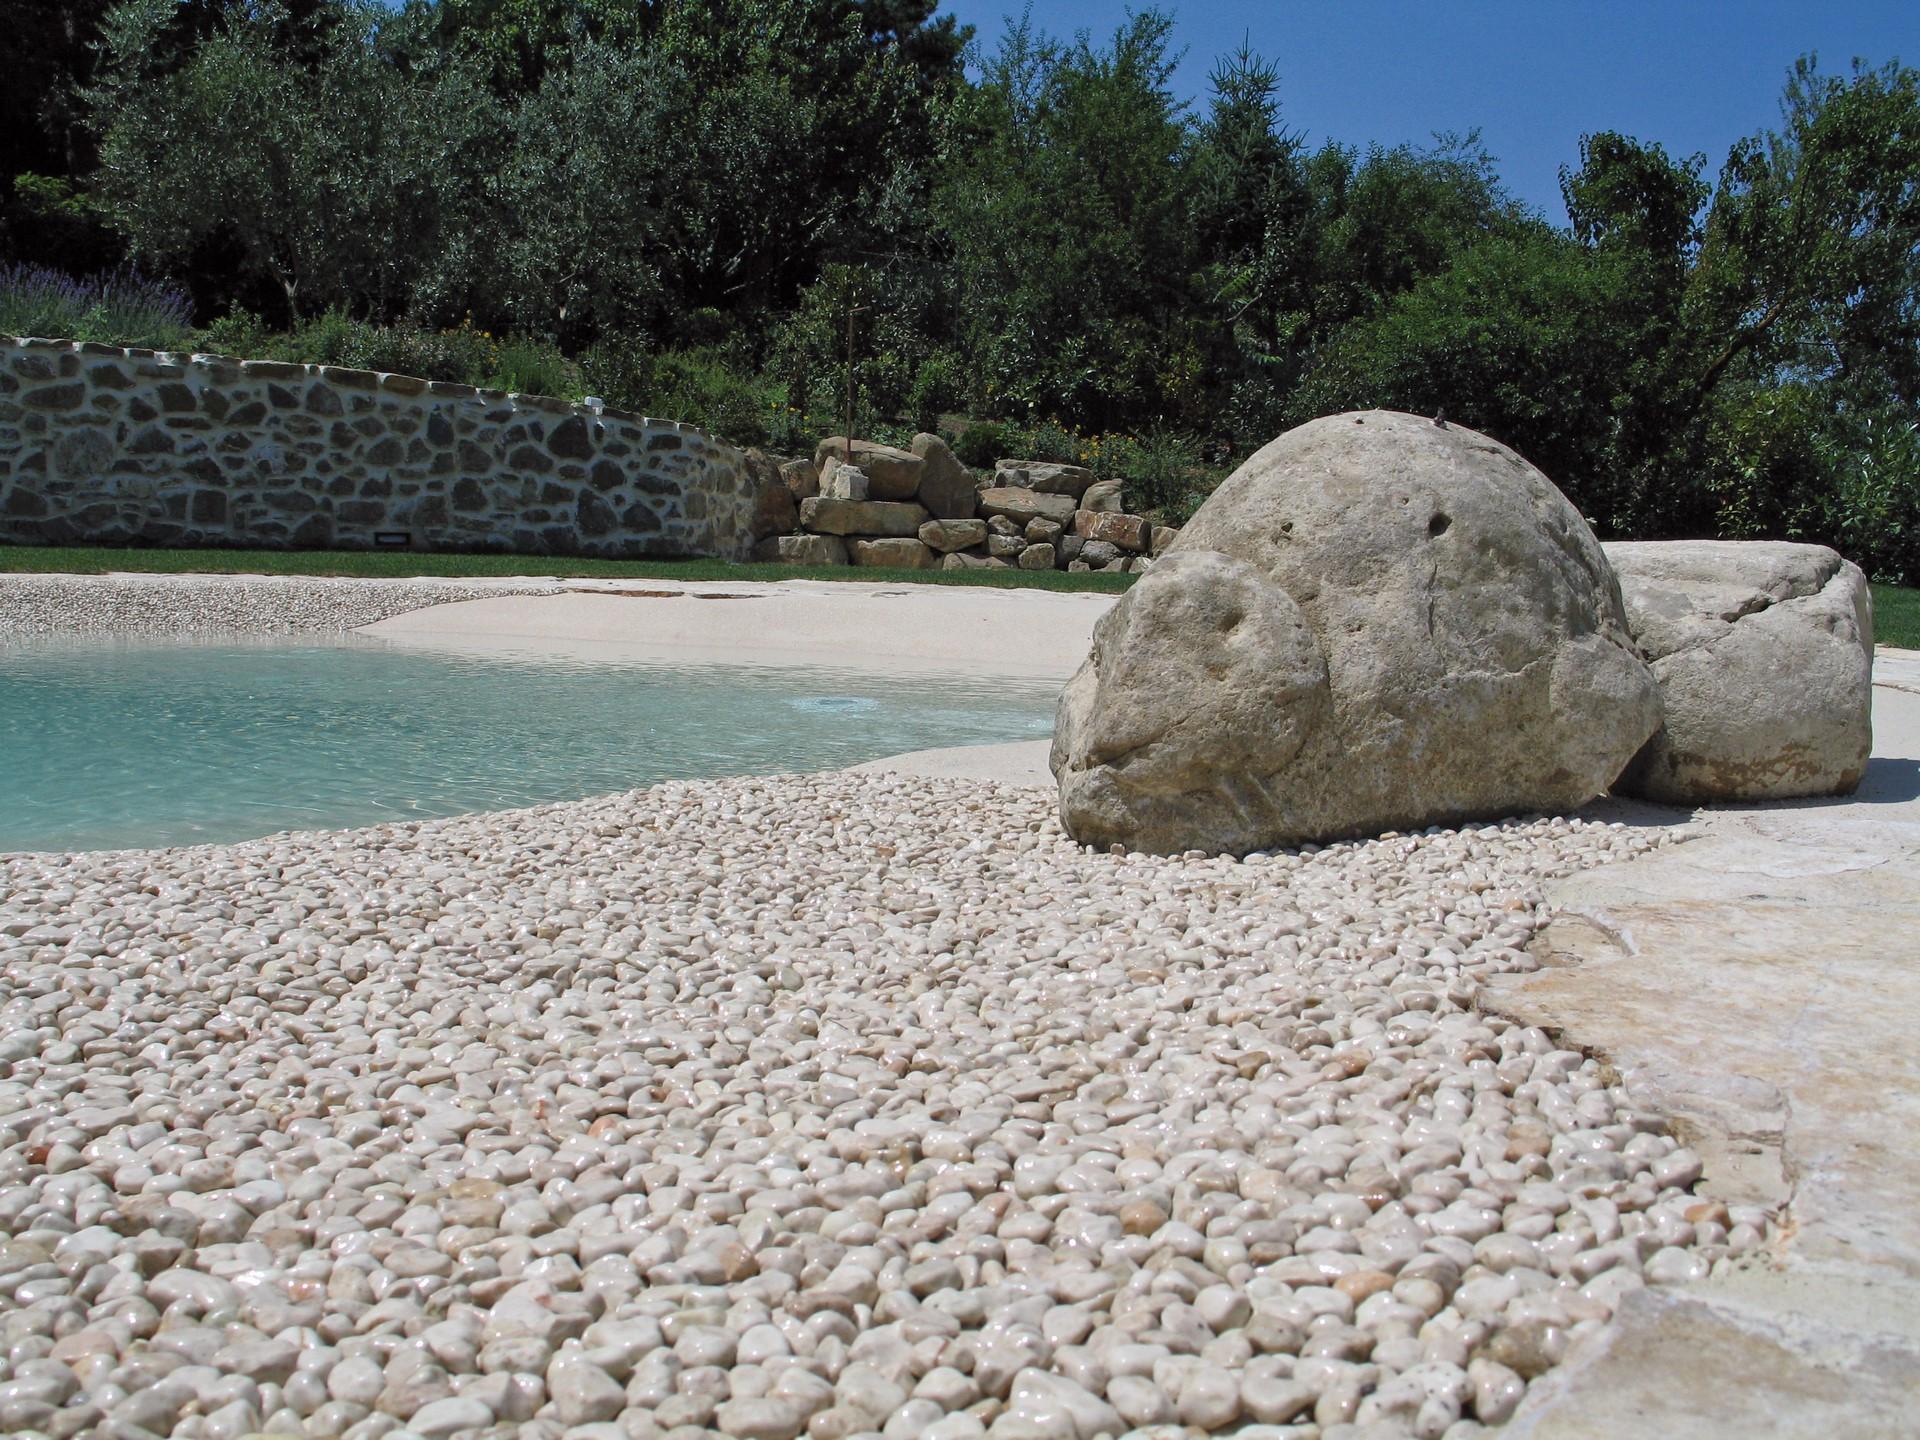 Particolare zona con elementi marmorei misti